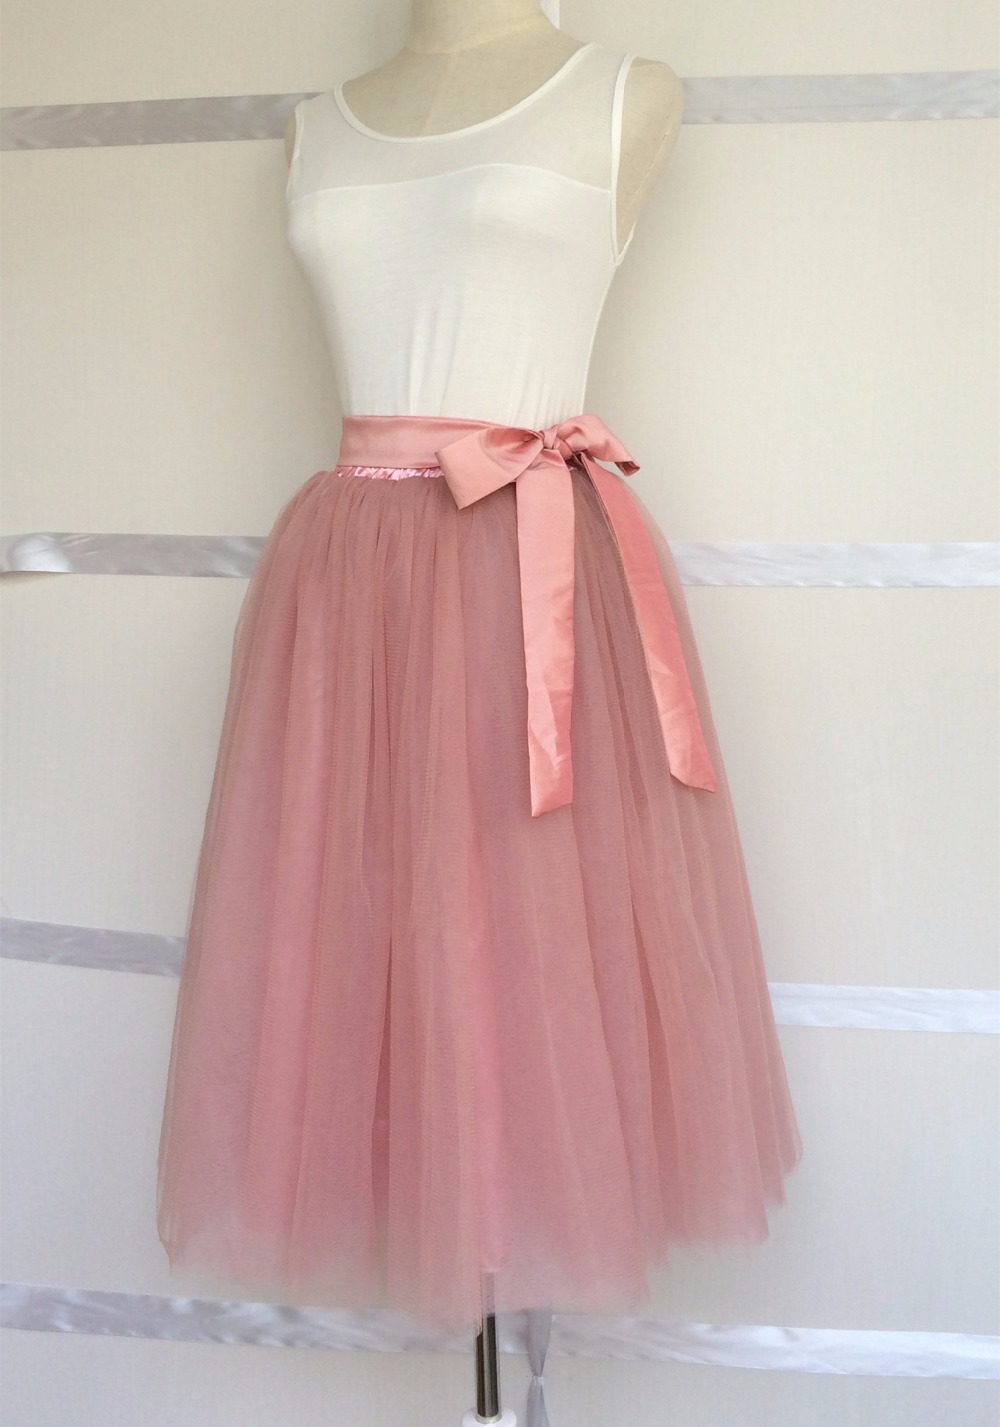 e573391a4 2015 nuevas mujeres del verano 6 capas adultos falda de tul todo ...